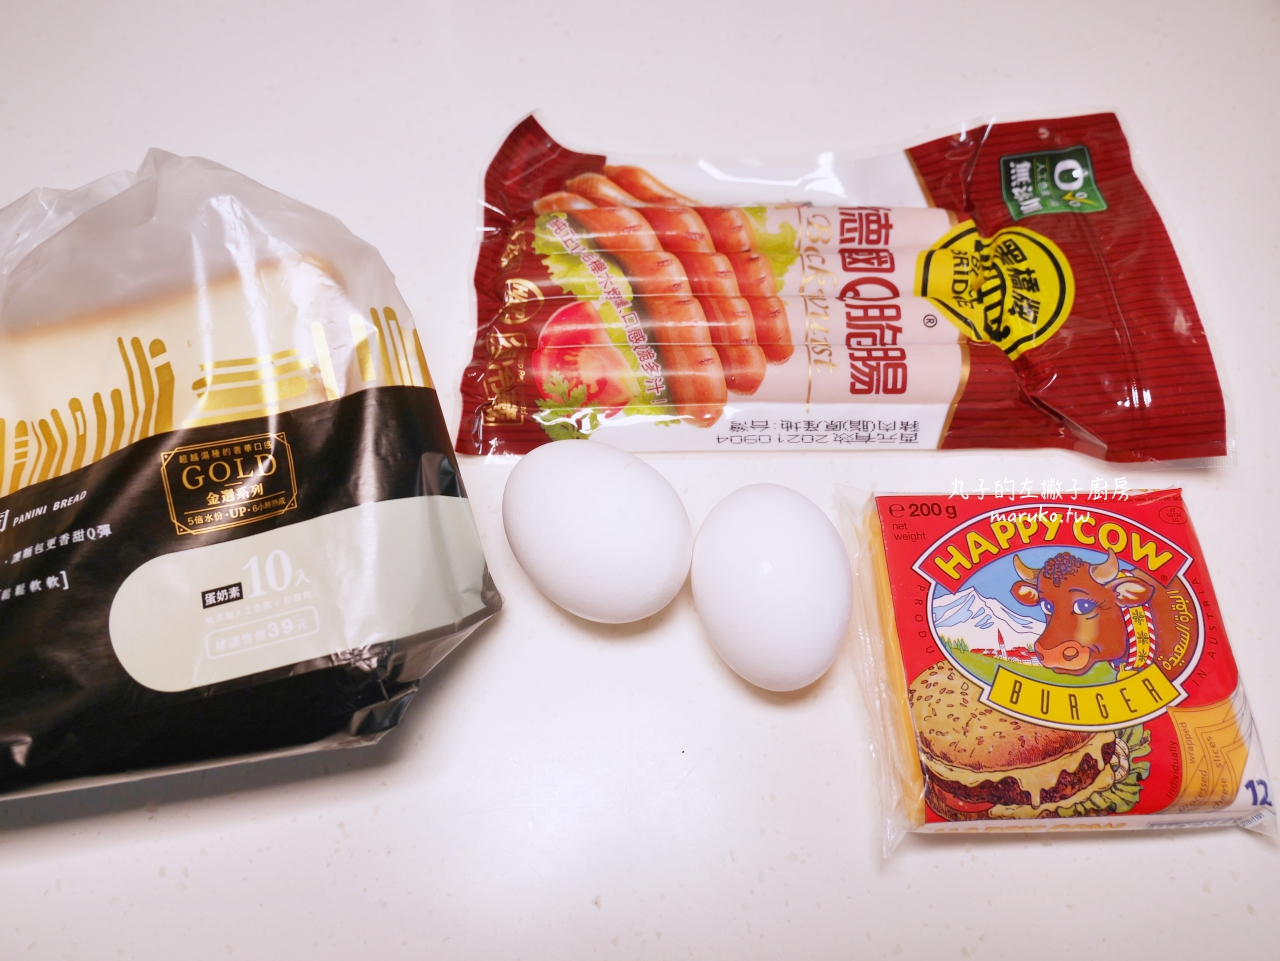 【食譜】韓式法國吐司 奶油慢煎韓式法國吐司 起司德式香腸版 @Maruko與美食有個約會